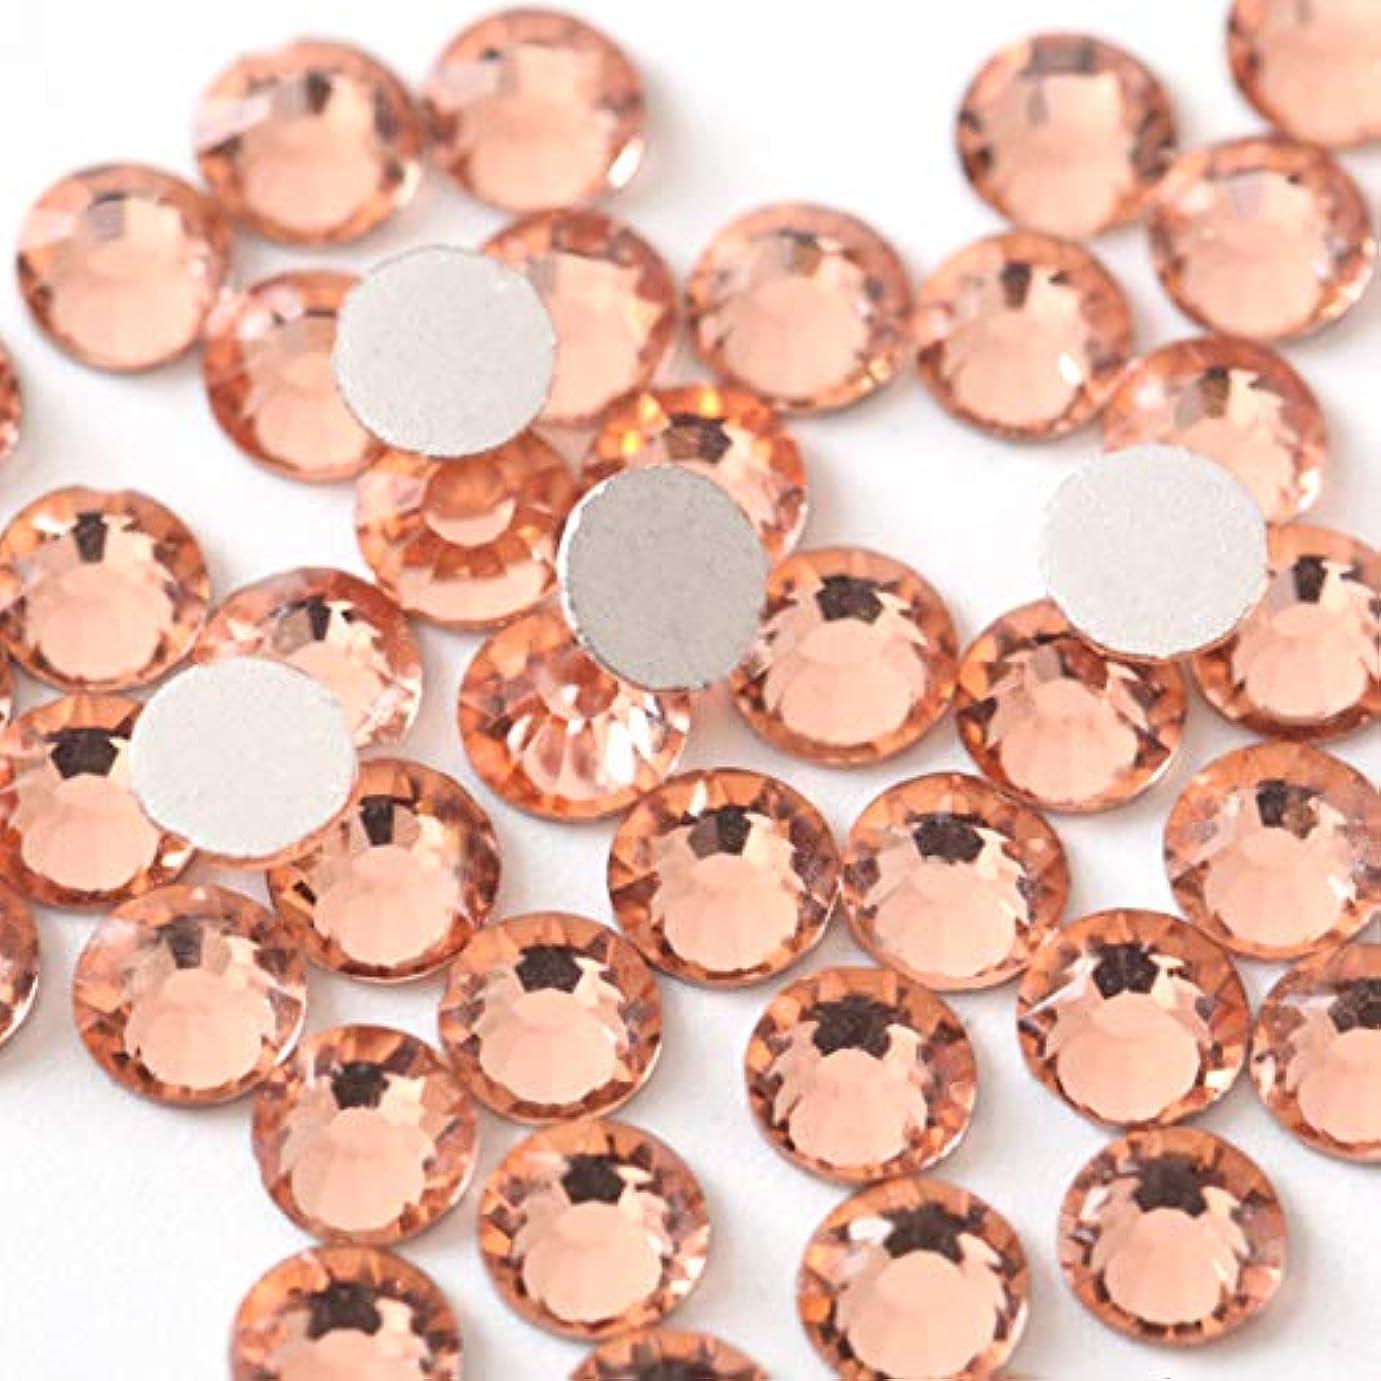 アンビエントクスコ豚【ラインストーン77】高品質ガラス製ラインストーン ピーチ(1.5mm (SS4) 約200粒)